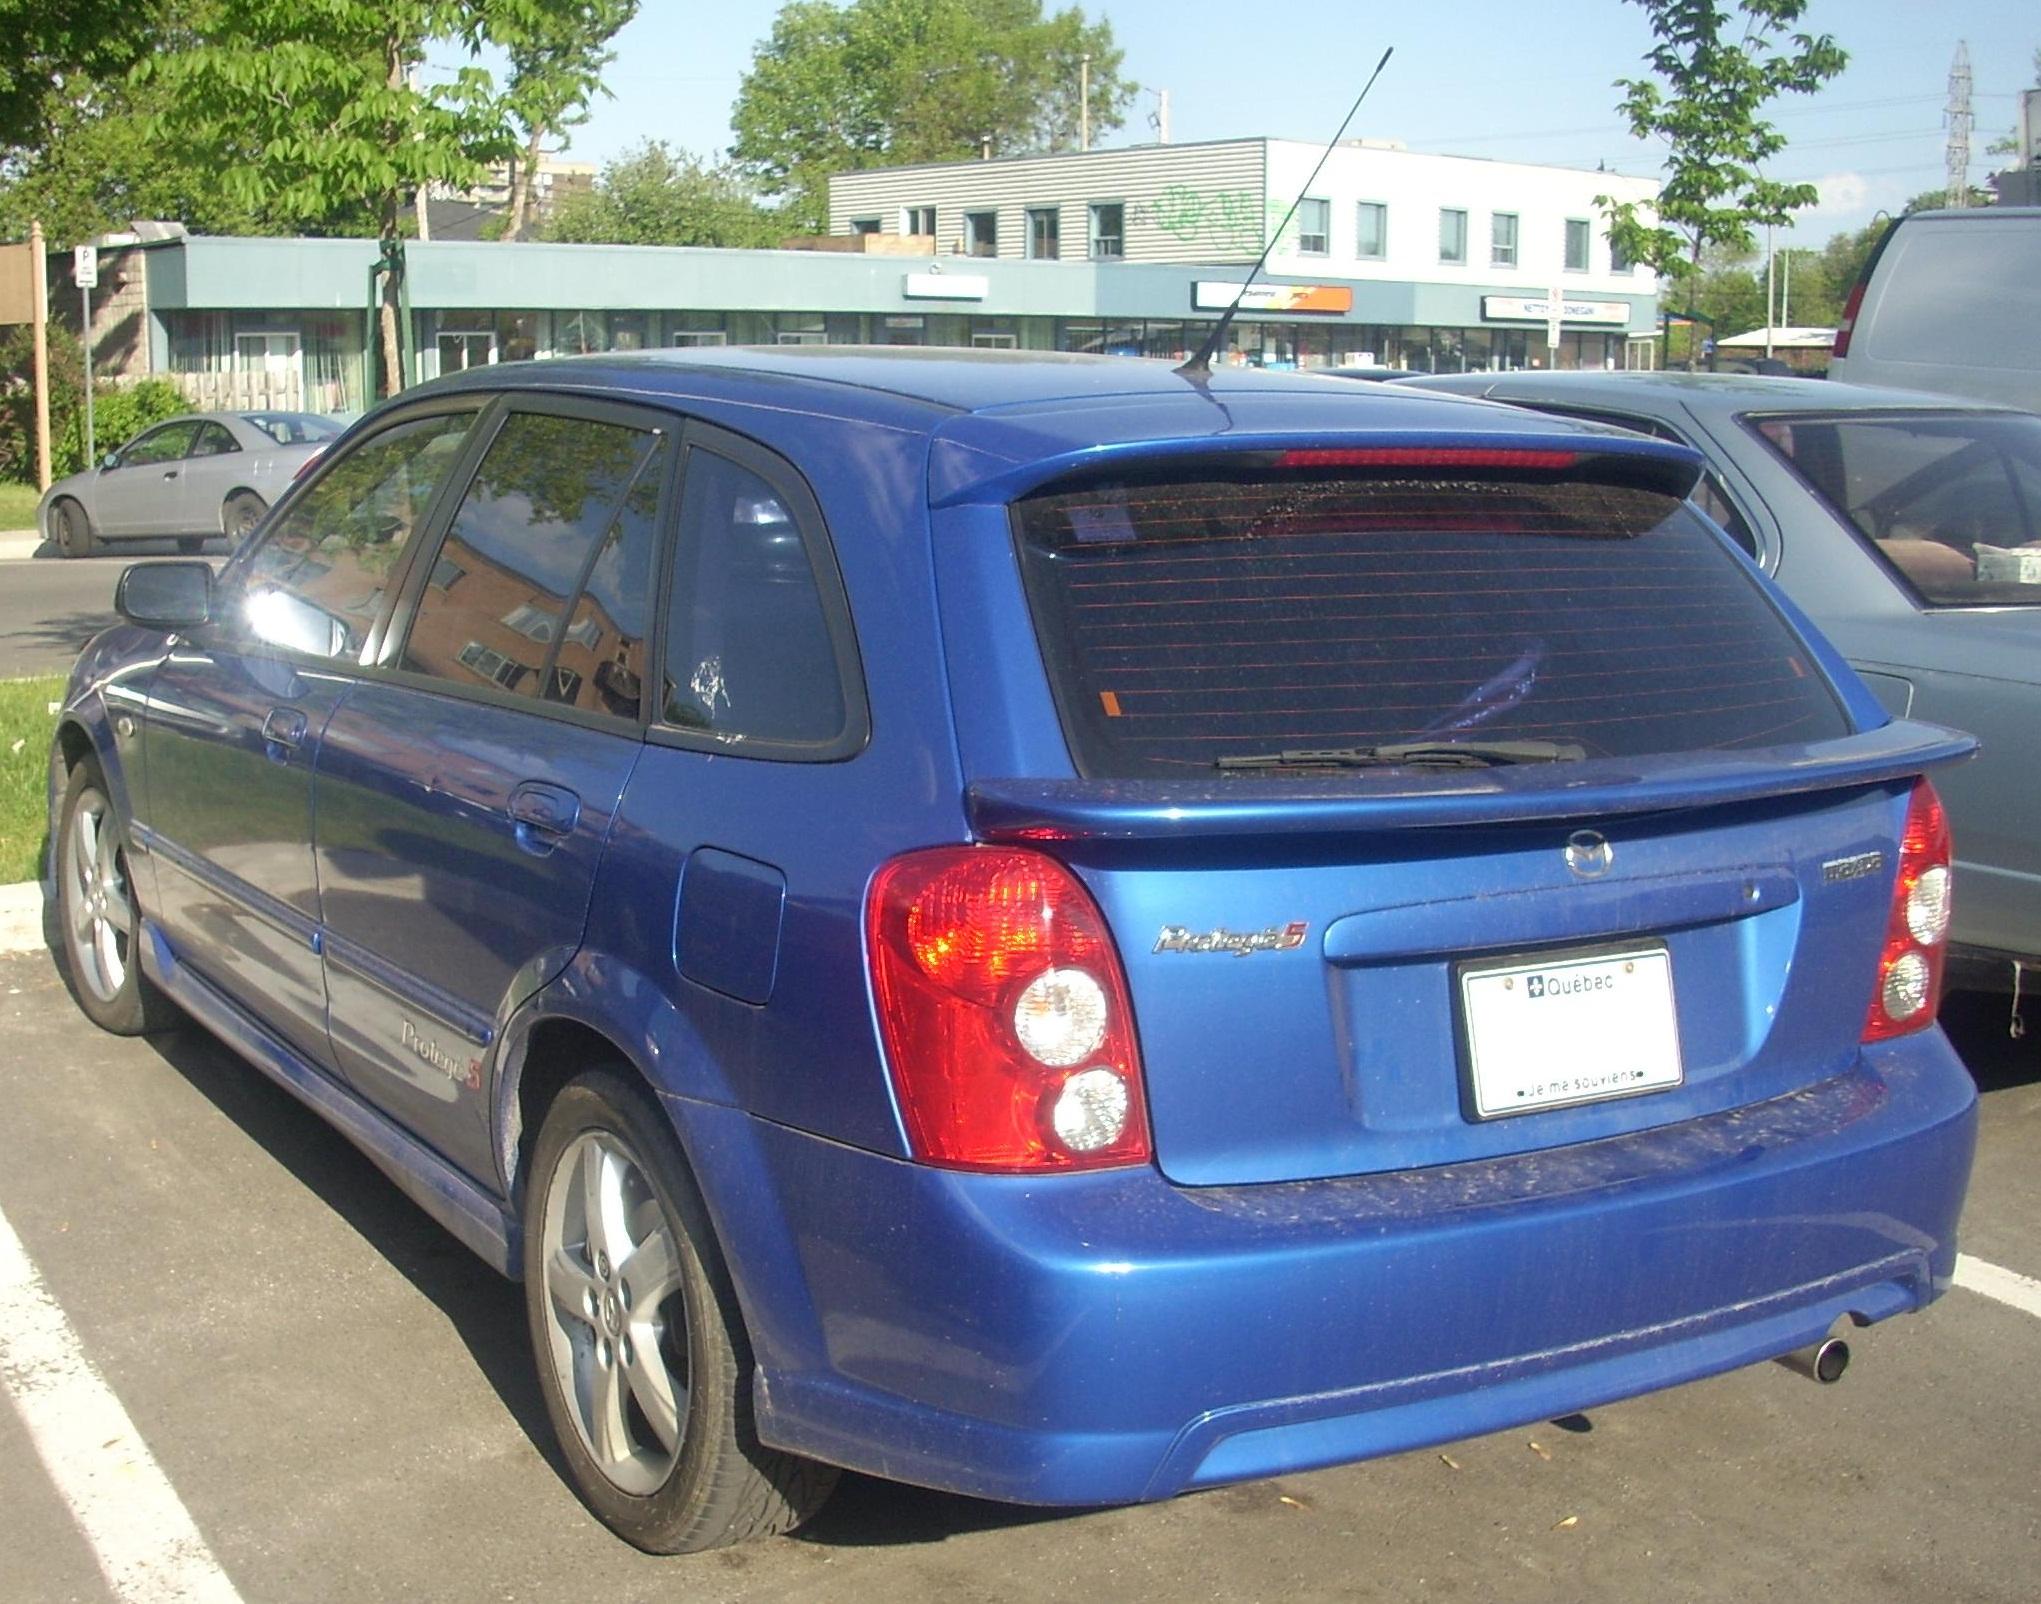 File:2003 Mazda Protegé 5.jpg - Wikimedia Commons